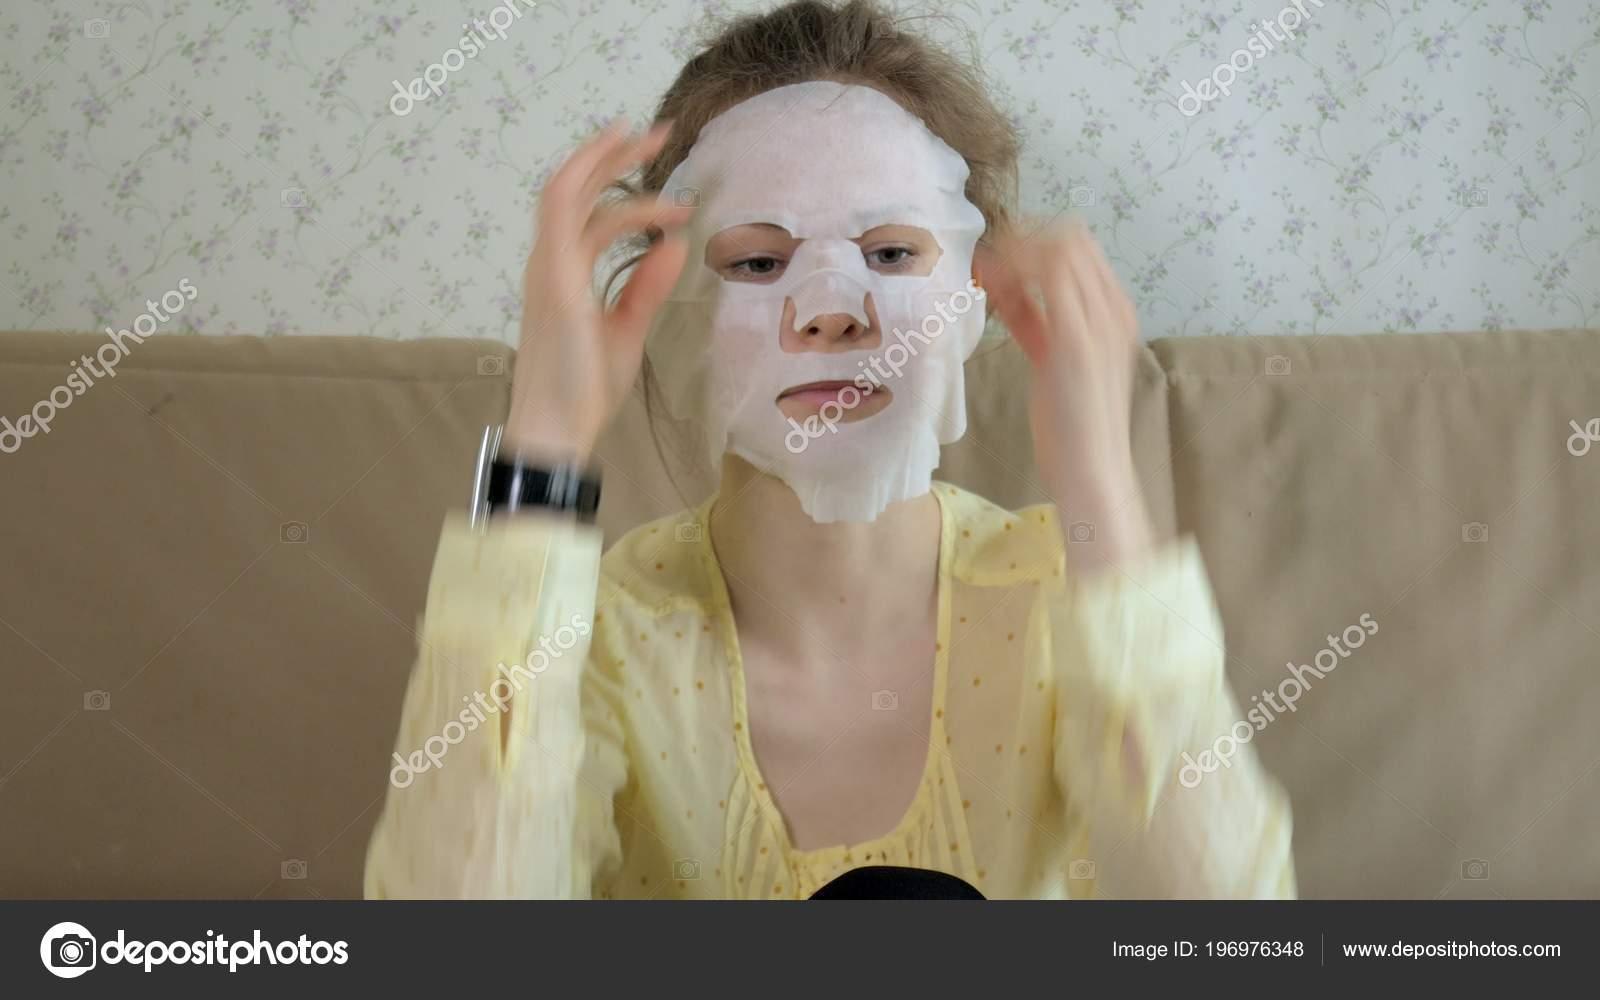 Частное сперма на лице фото, Камшоты фото - порно подбрка камшотов сперма в рот 26 фотография